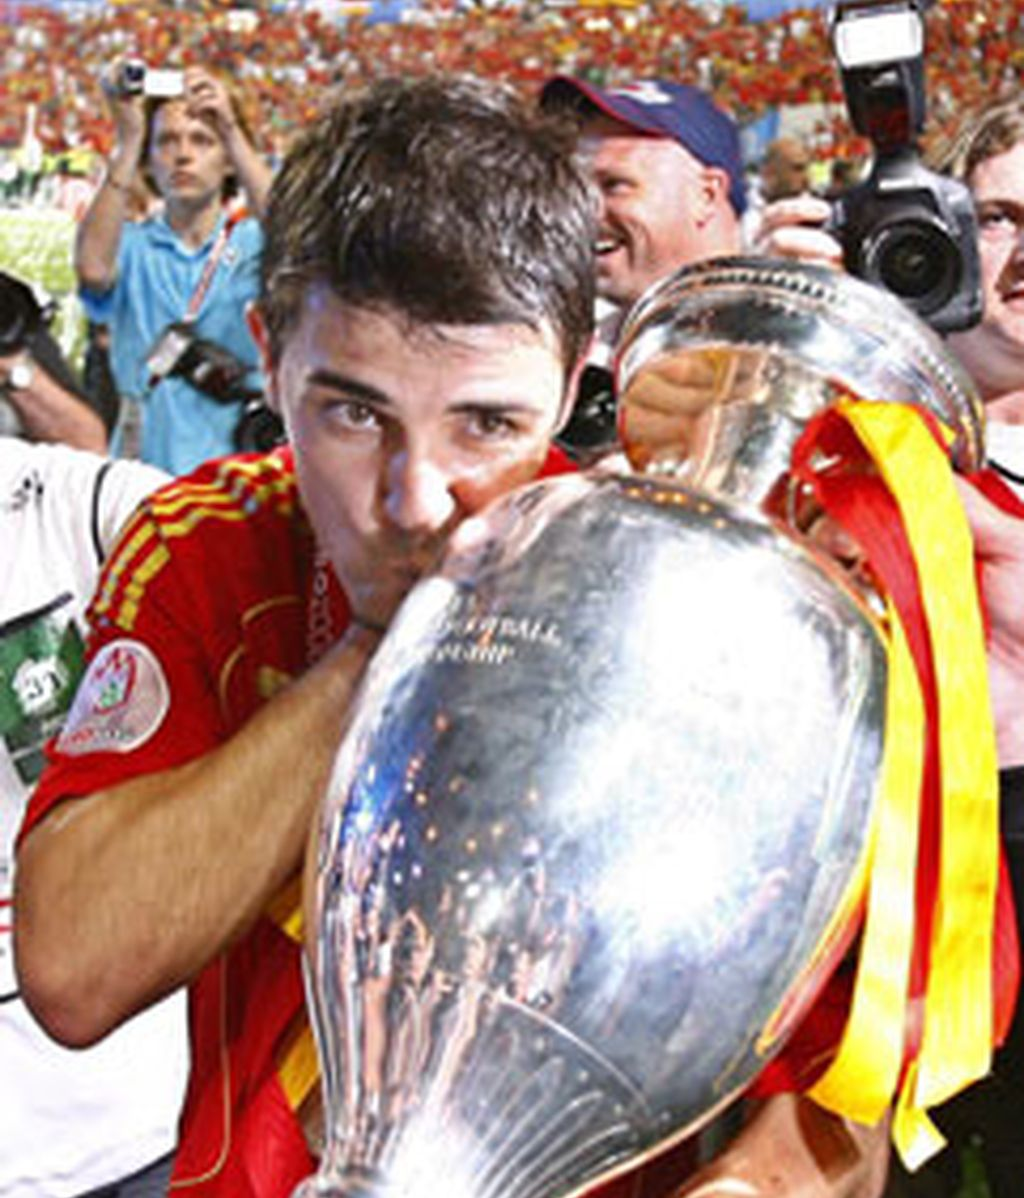 El delantero español David Villa besa el trofeo de campeones de la Eurocopa 2008. Foto: EFE.